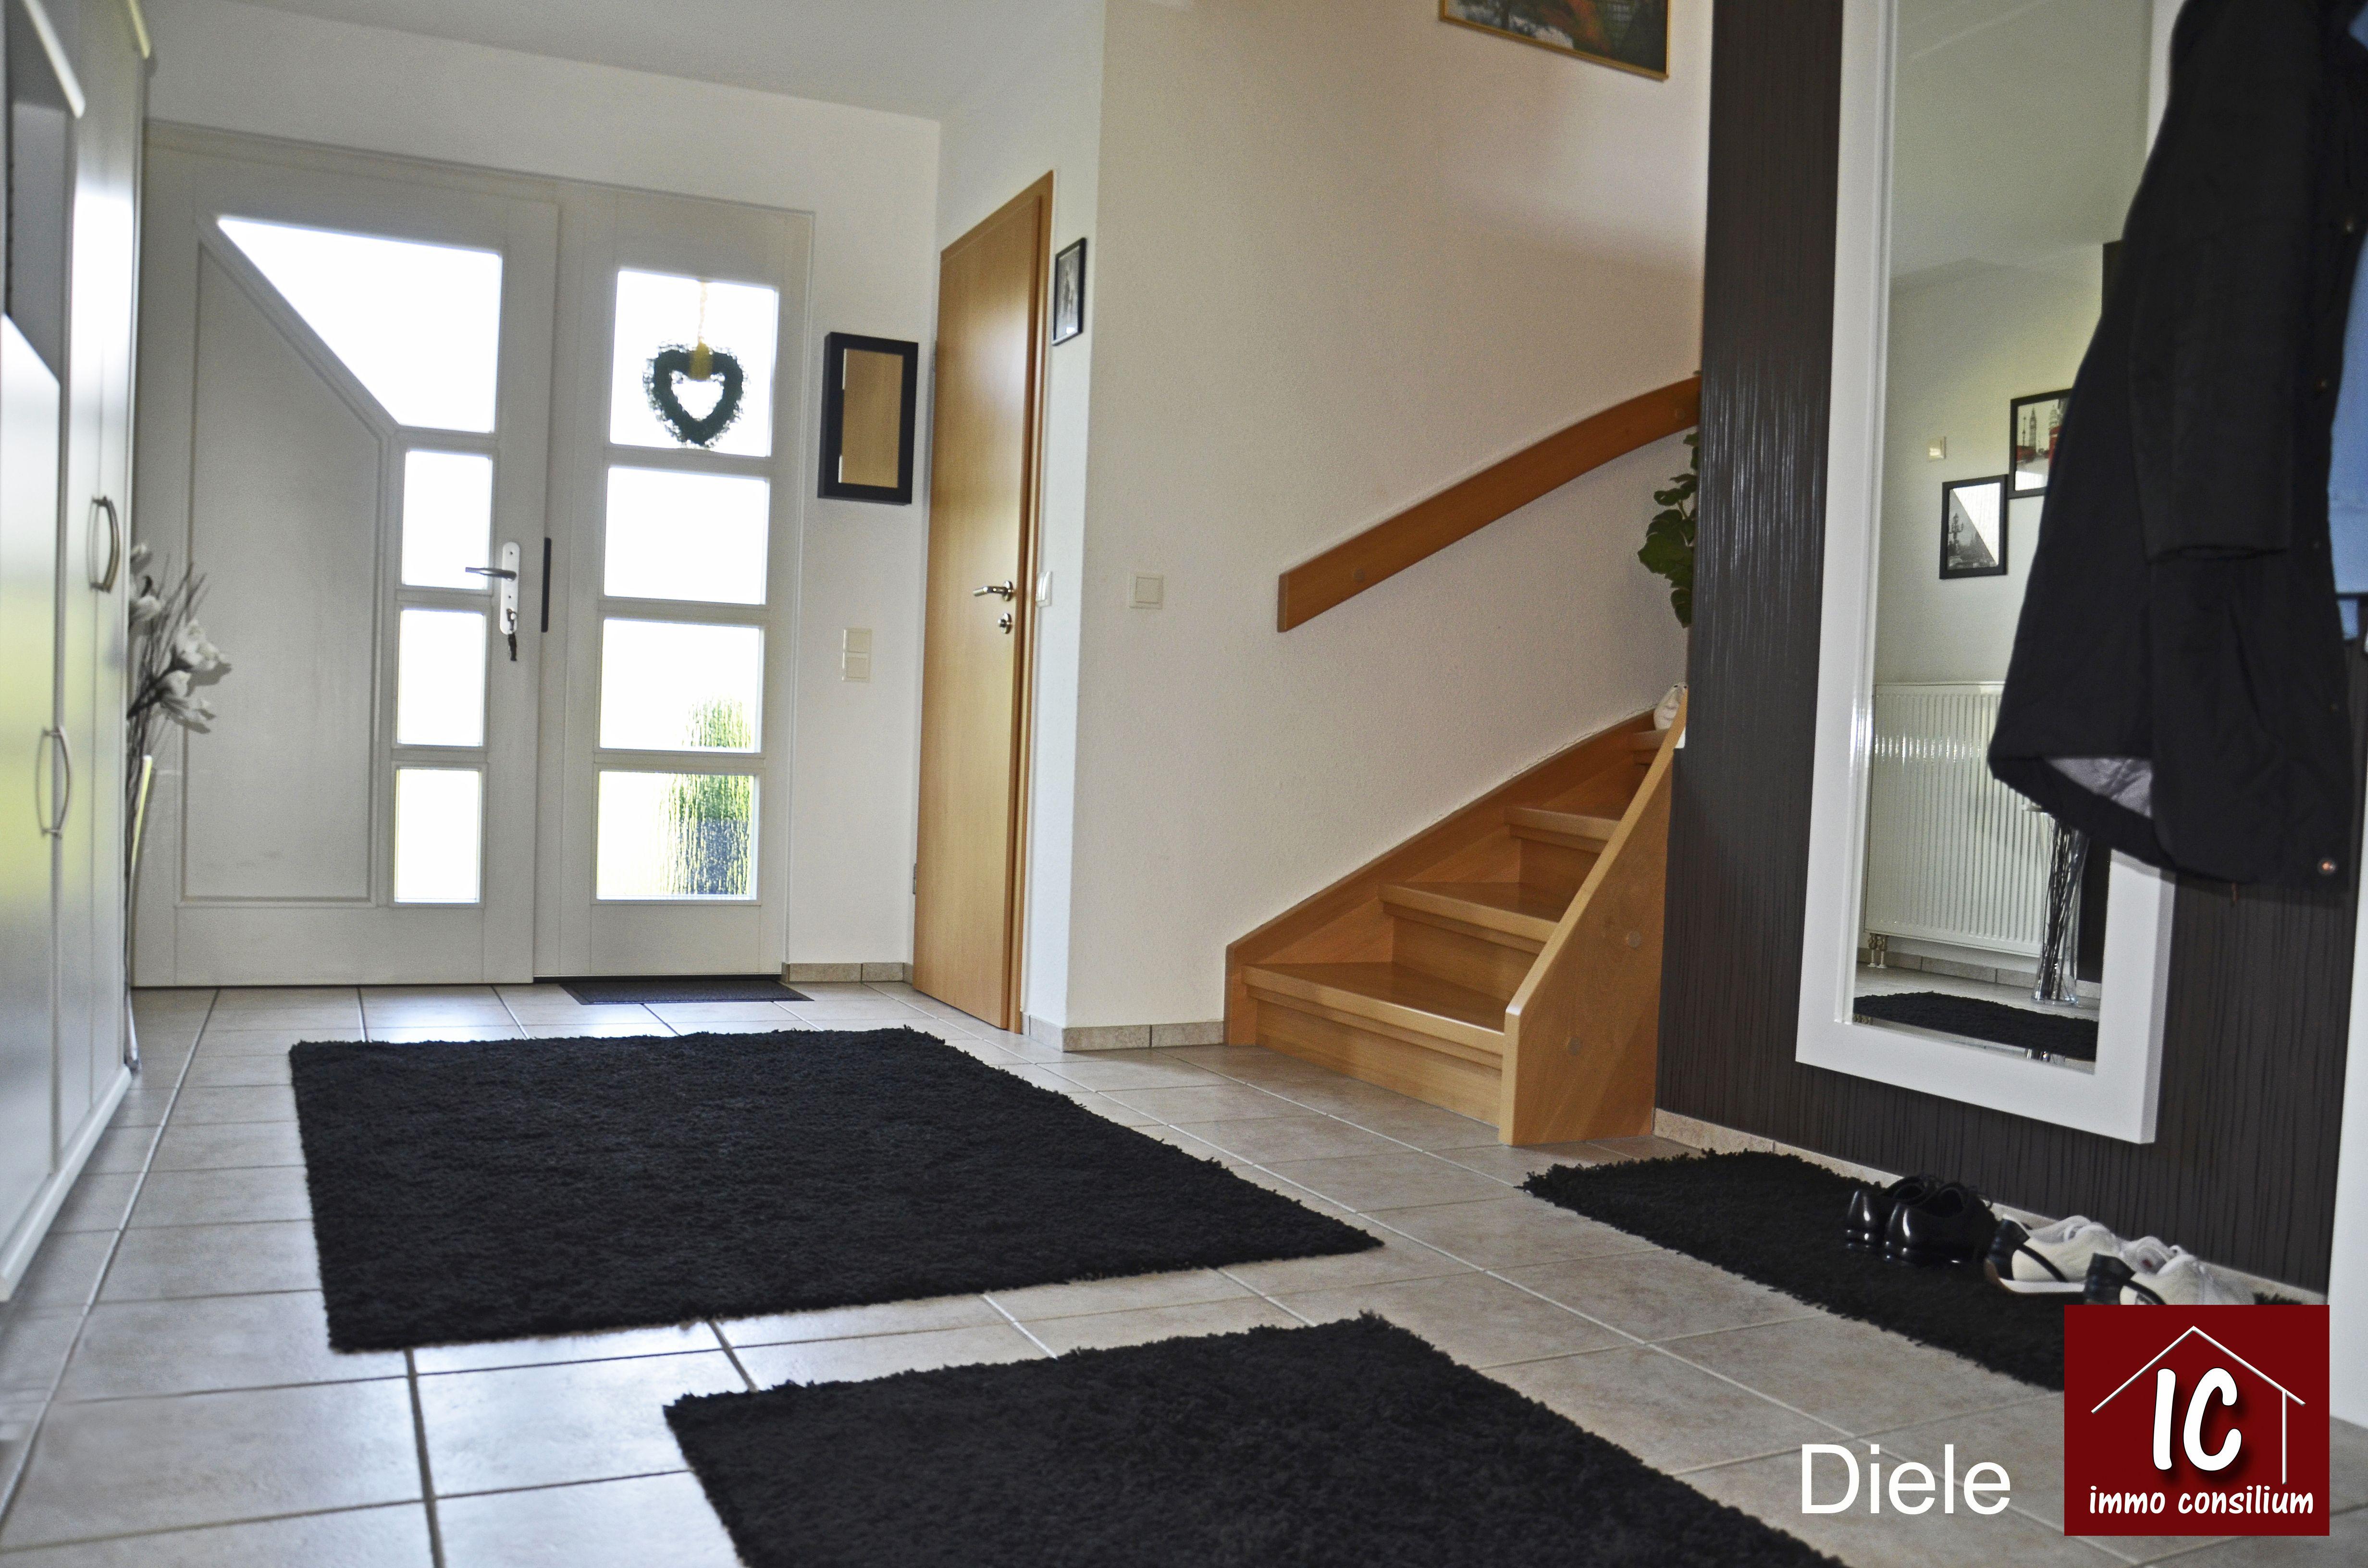 Fliesen eingangsbereich haus aussen wohn design for Eingangsbereich gestalten